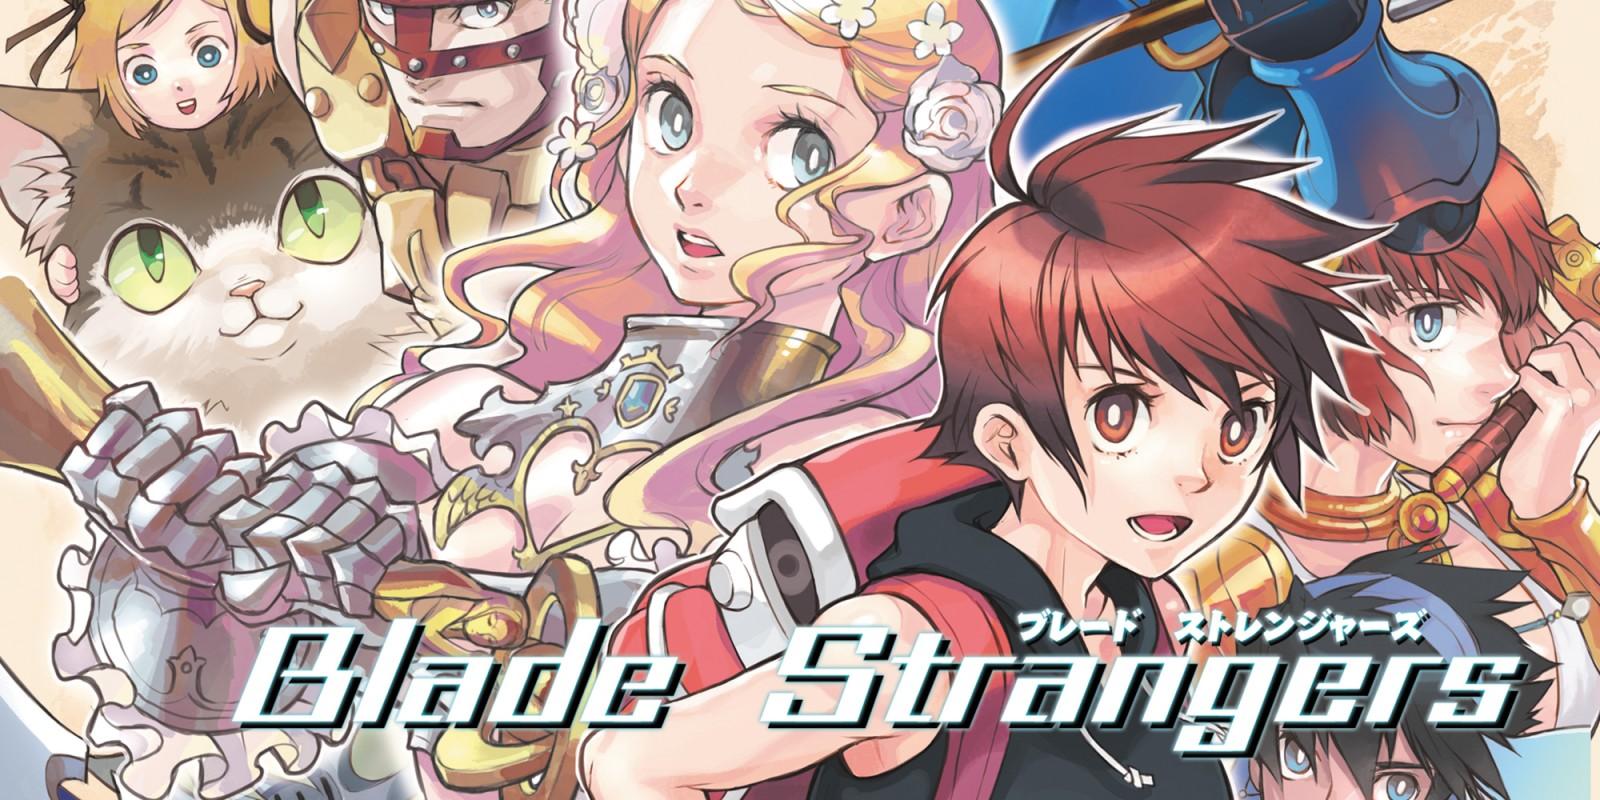 Blade Strangers receberá nova atualização que adicionará Aban de 1001 Spikes, Piaa de Doki Doki Poyatchio e outra versão de Umihara Kawase